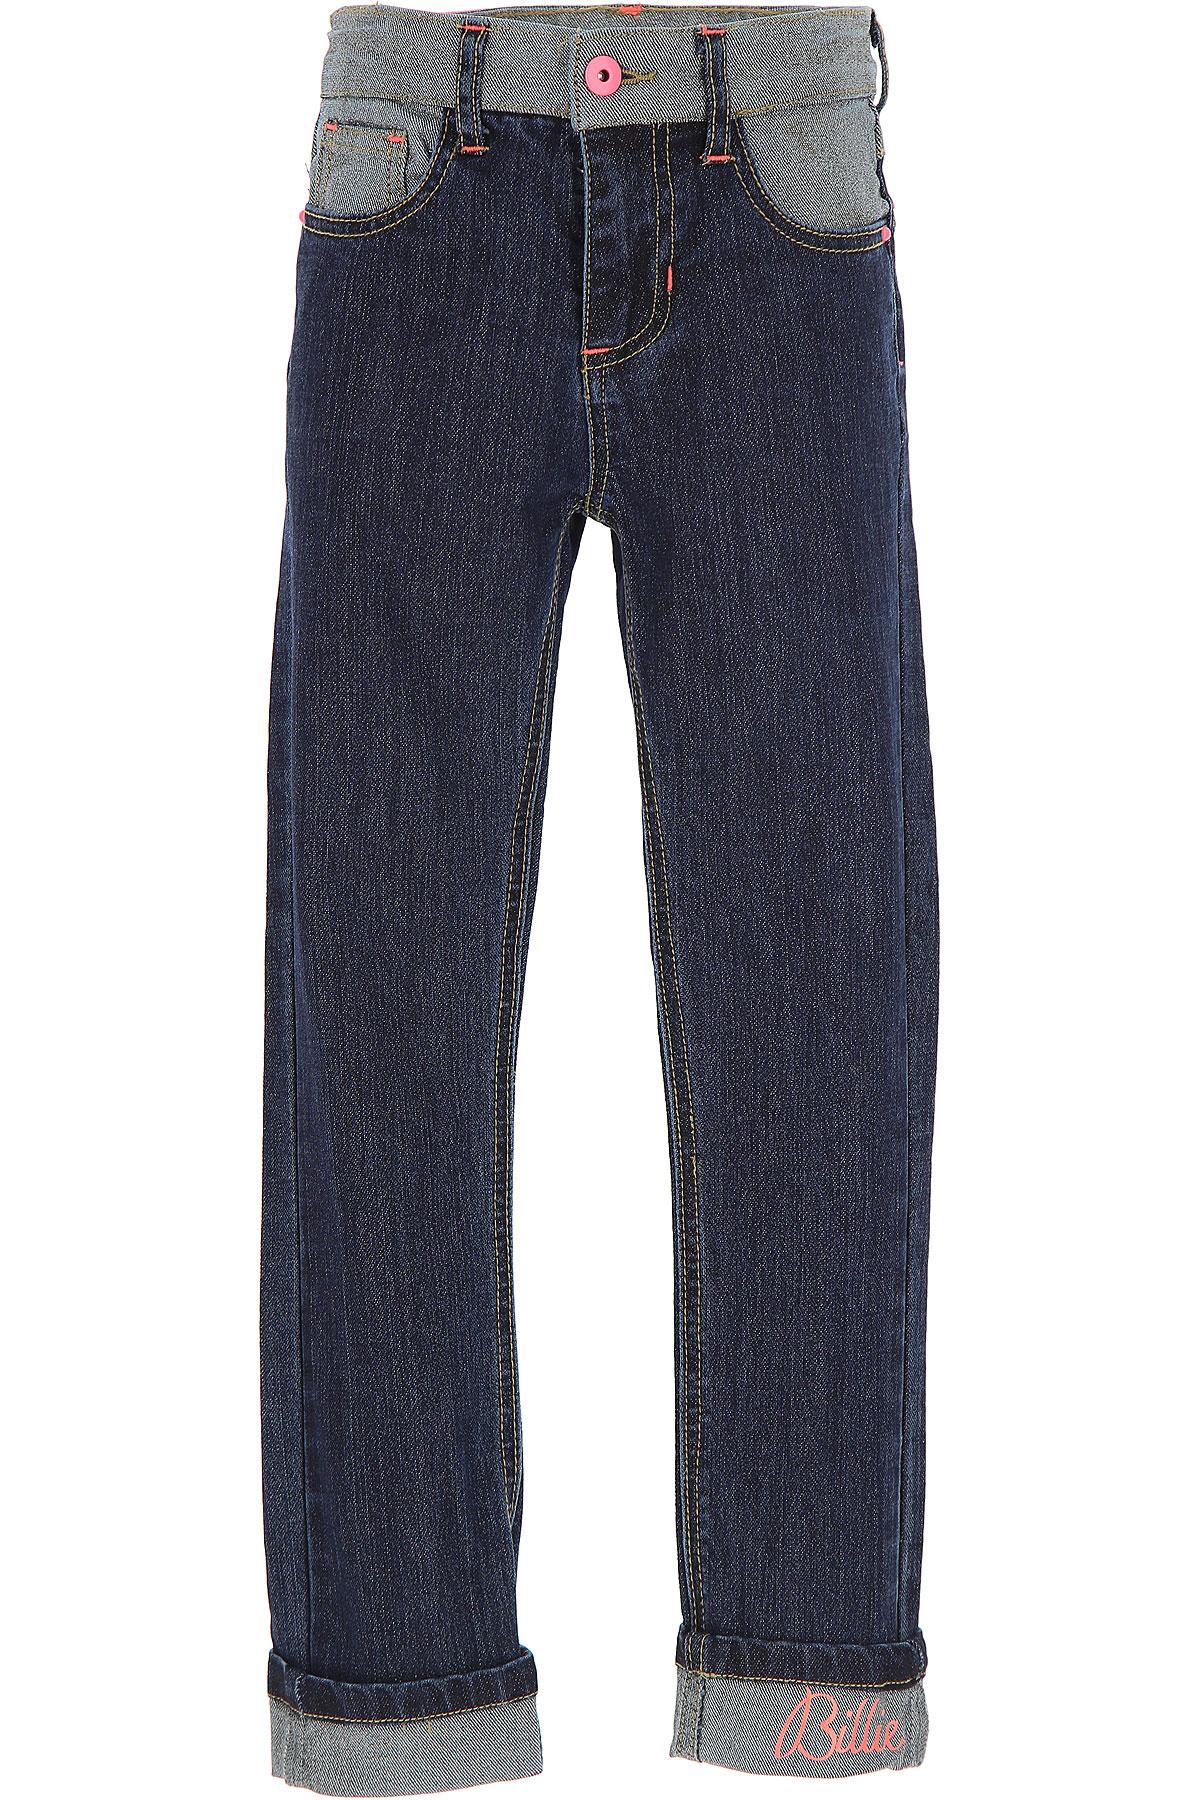 Image of Billieblush Kids Jeans for Girls, Denim, Cotton, 2017, 10Y 2Y 4Y 5Y 6Y 8Y